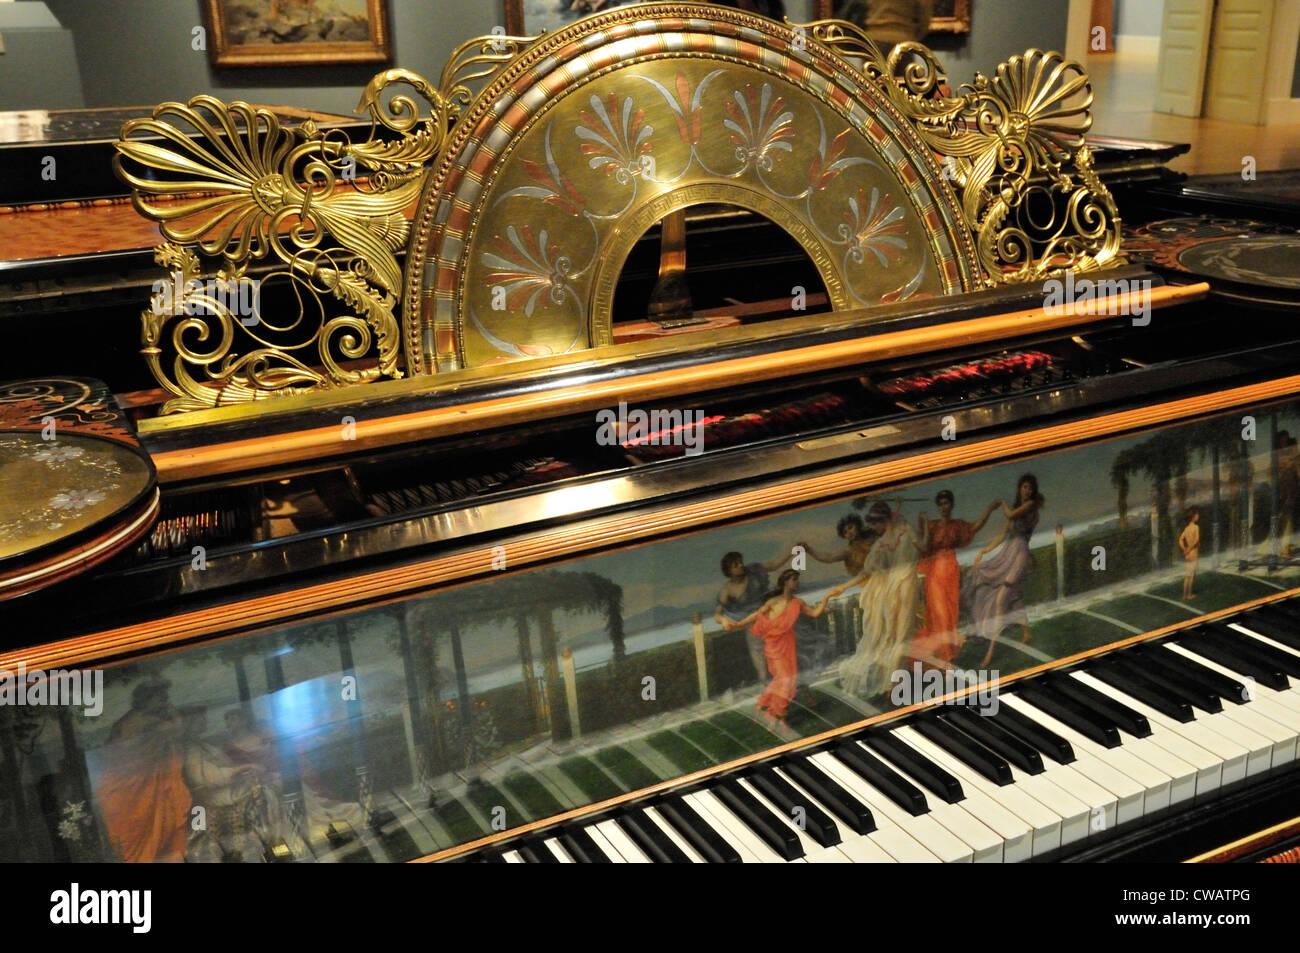 Parte anteriore del grand pianoforte e coppia di sgabelli